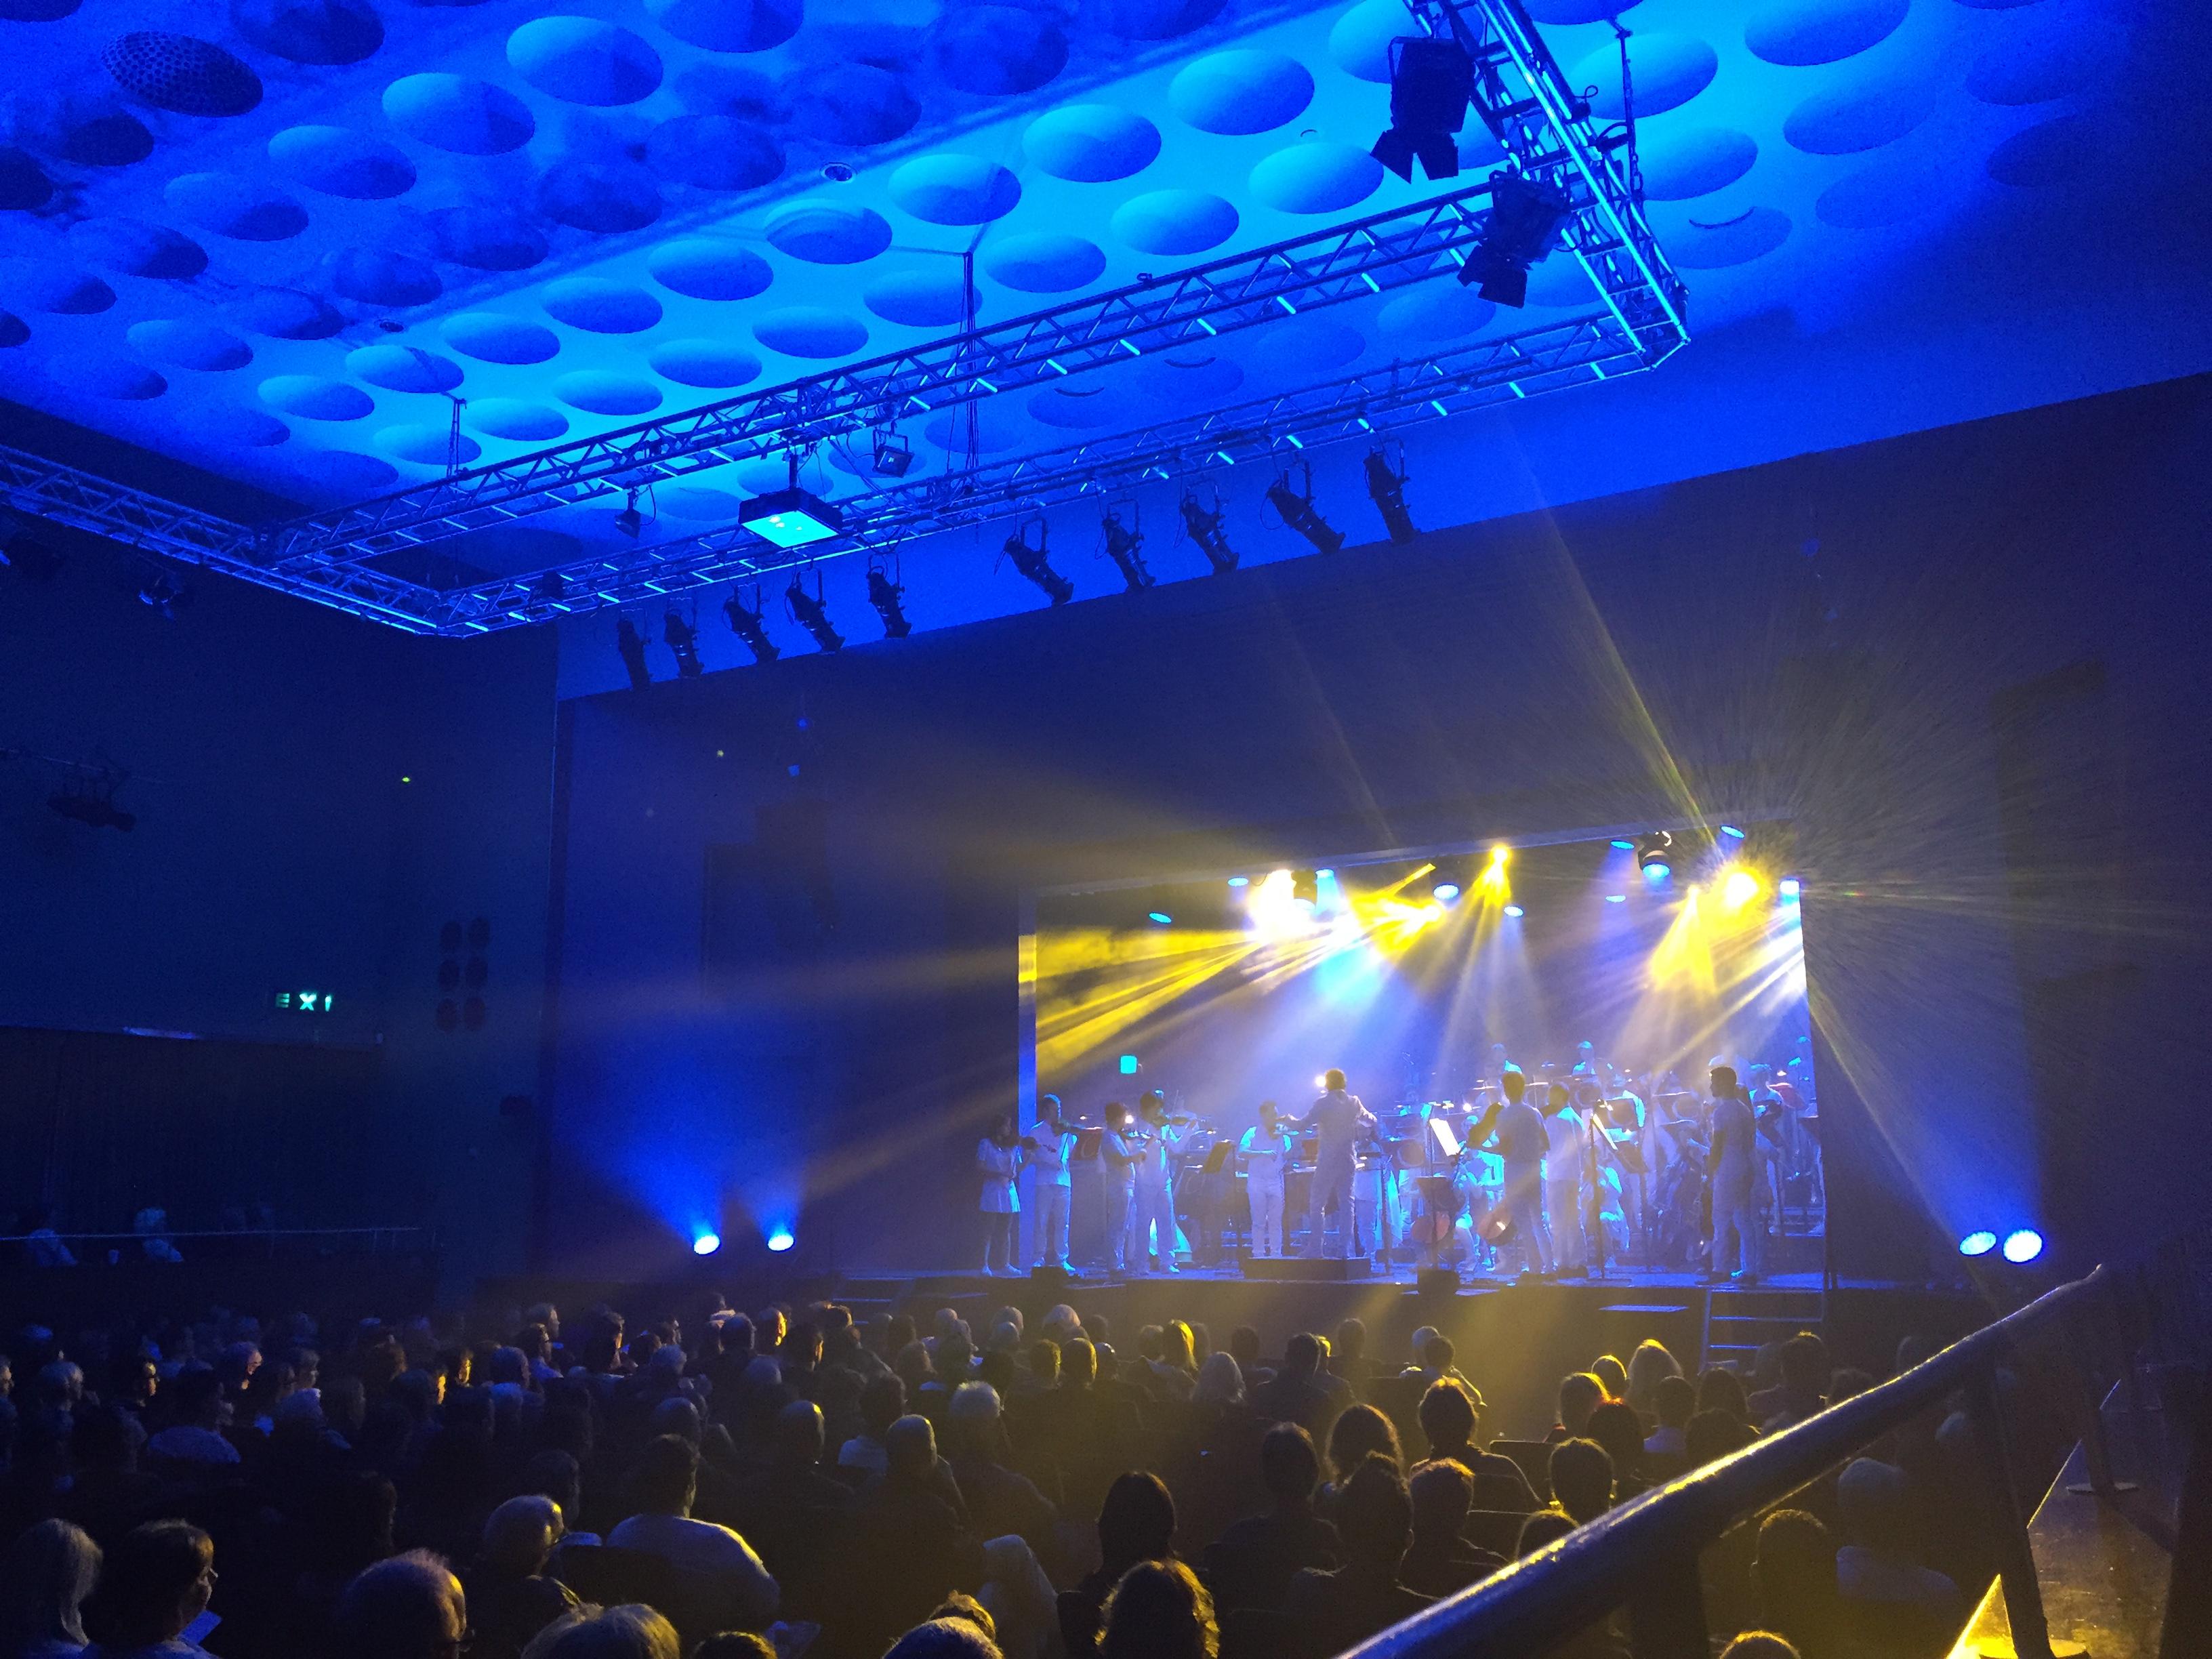 De La Warr Pavilion Concert